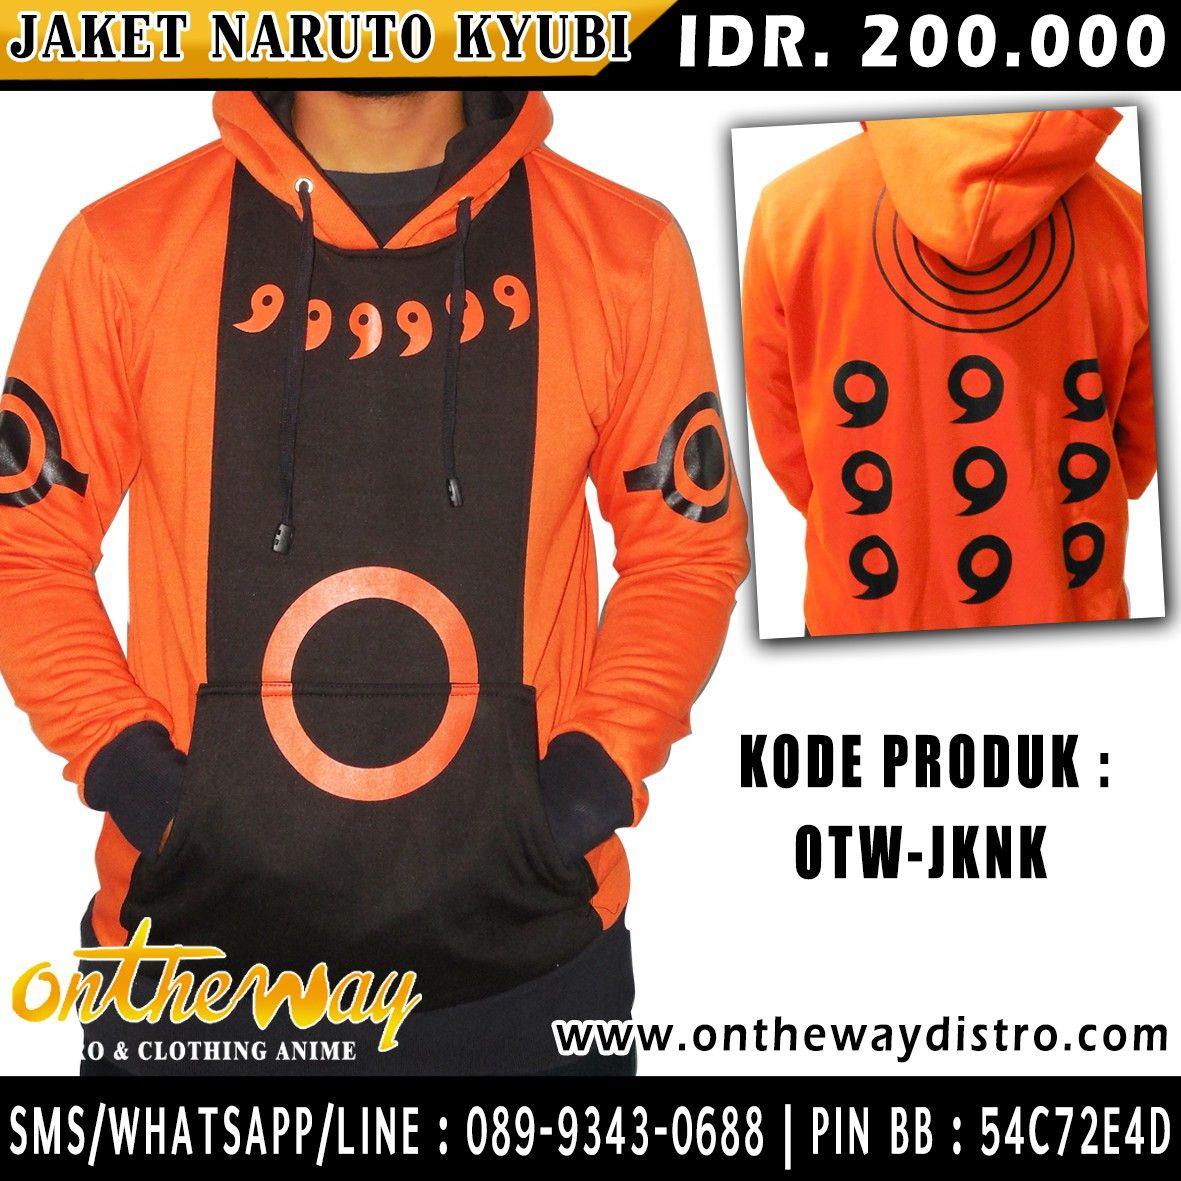 Jaket Naruto Kyubi Terbaru INFORMASI & PEMESANAN